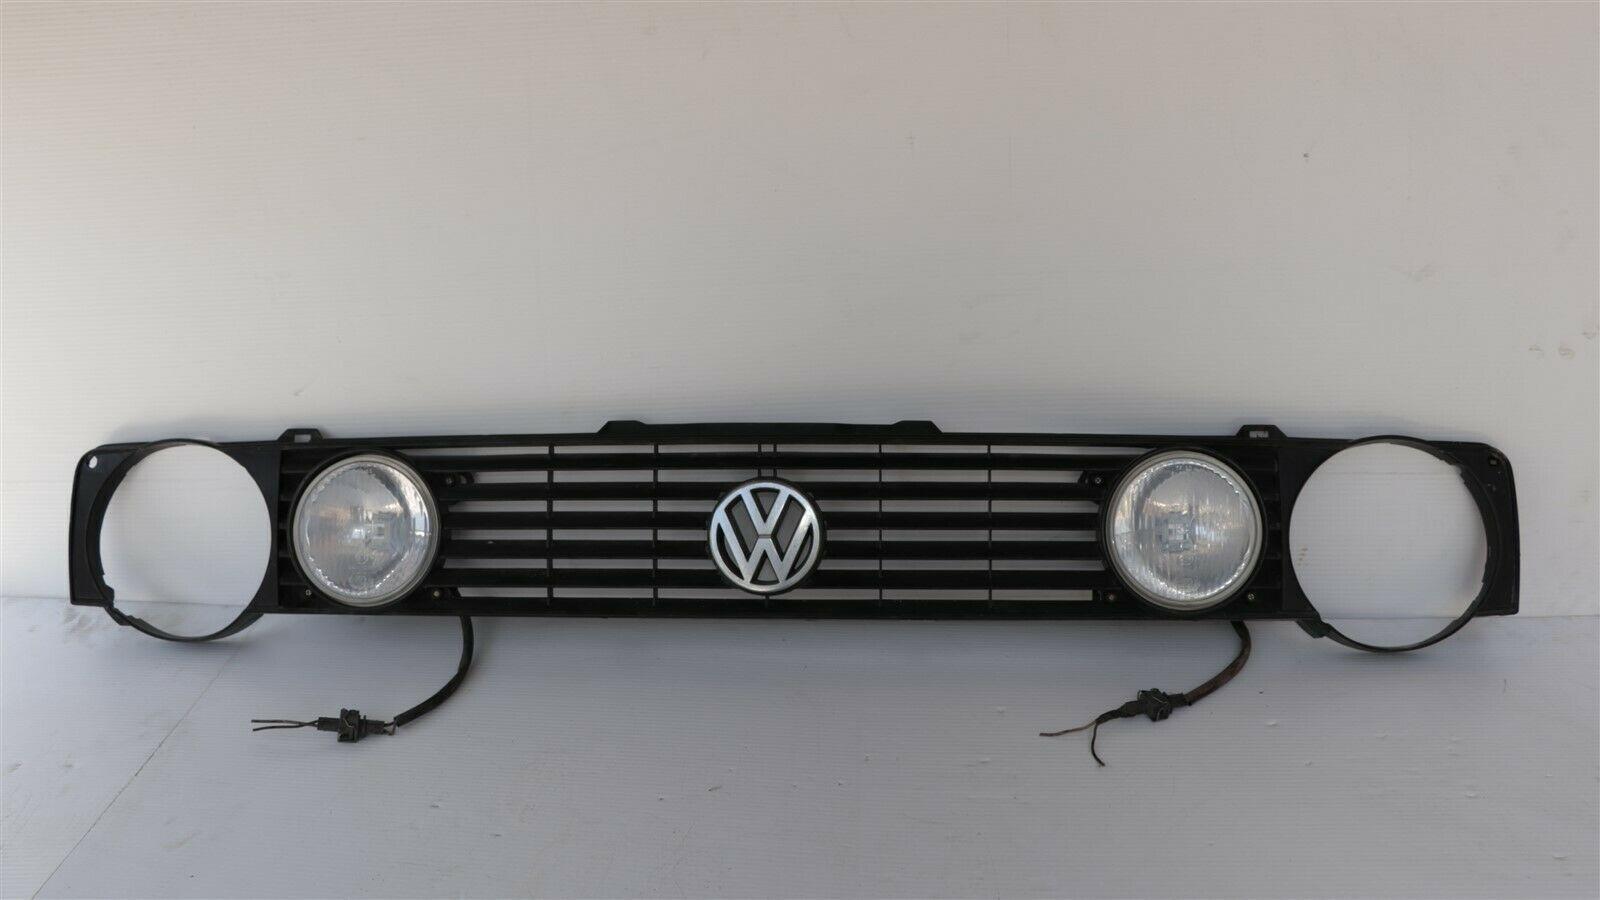 Volkswagen VW Mk1 Rabbit Golf Cabrio 4-Light Hella Grill Grille 88-93